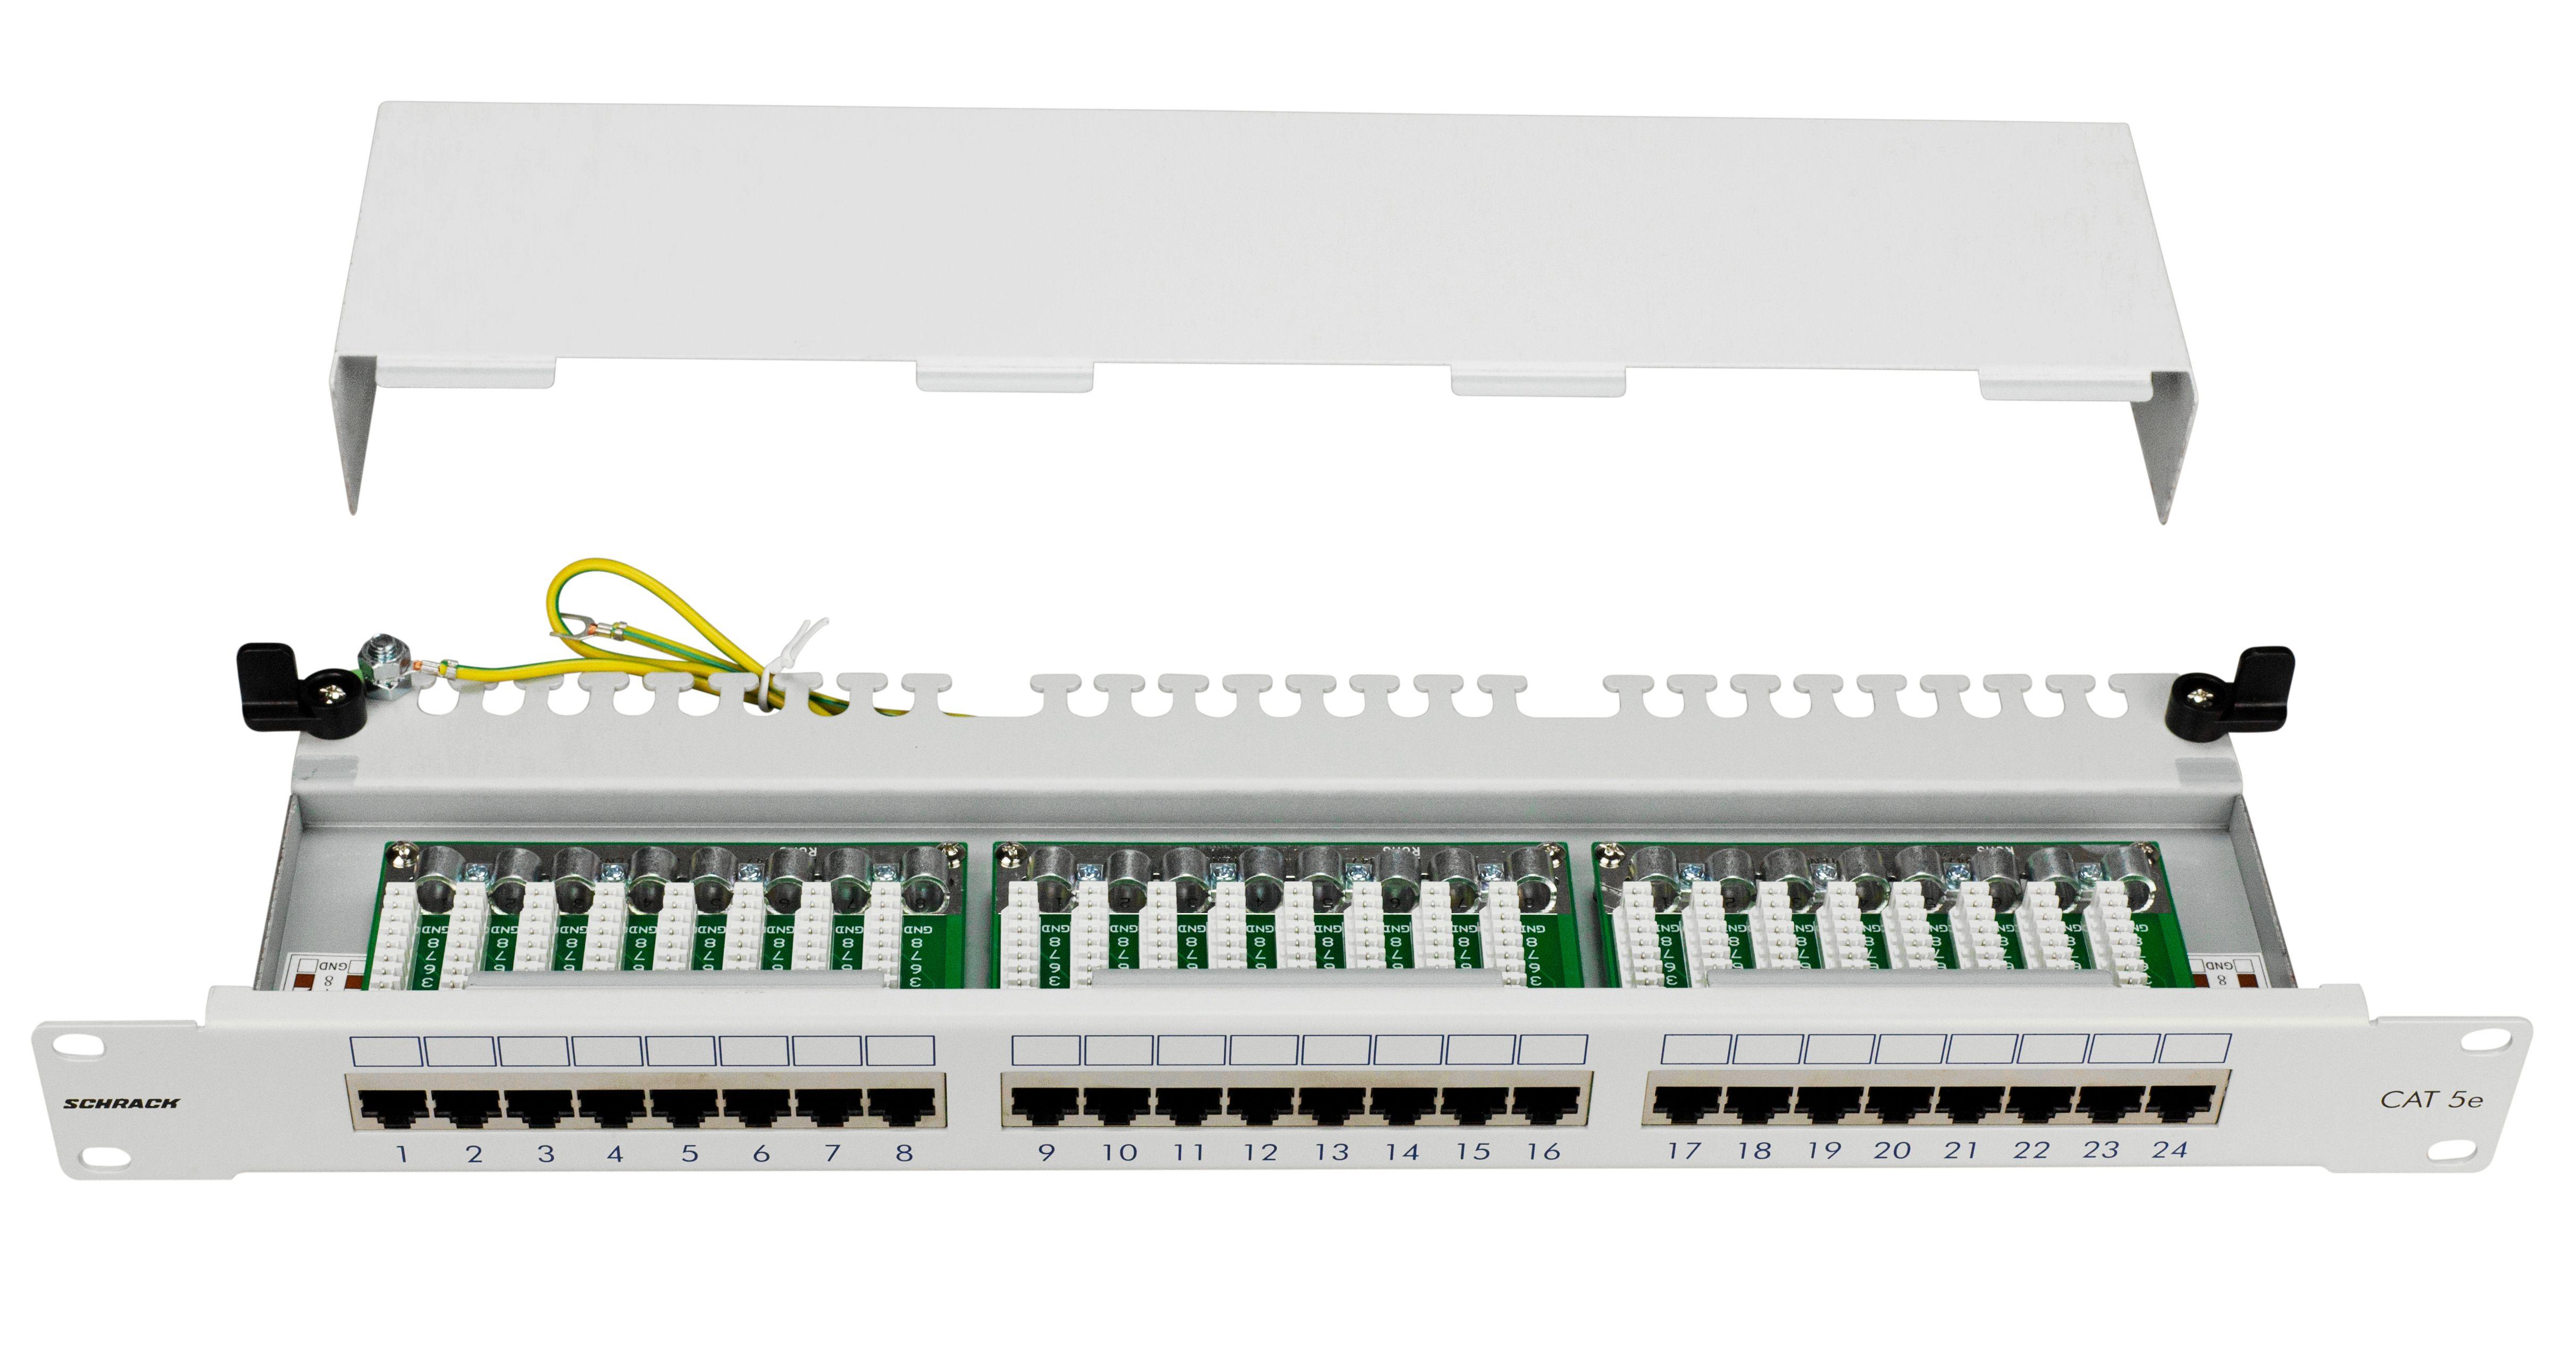 1 Stk Patchpanel 19 24xRJ45 geschirmt Cat.5e, 1HE, RAL7035 HSERG245GS